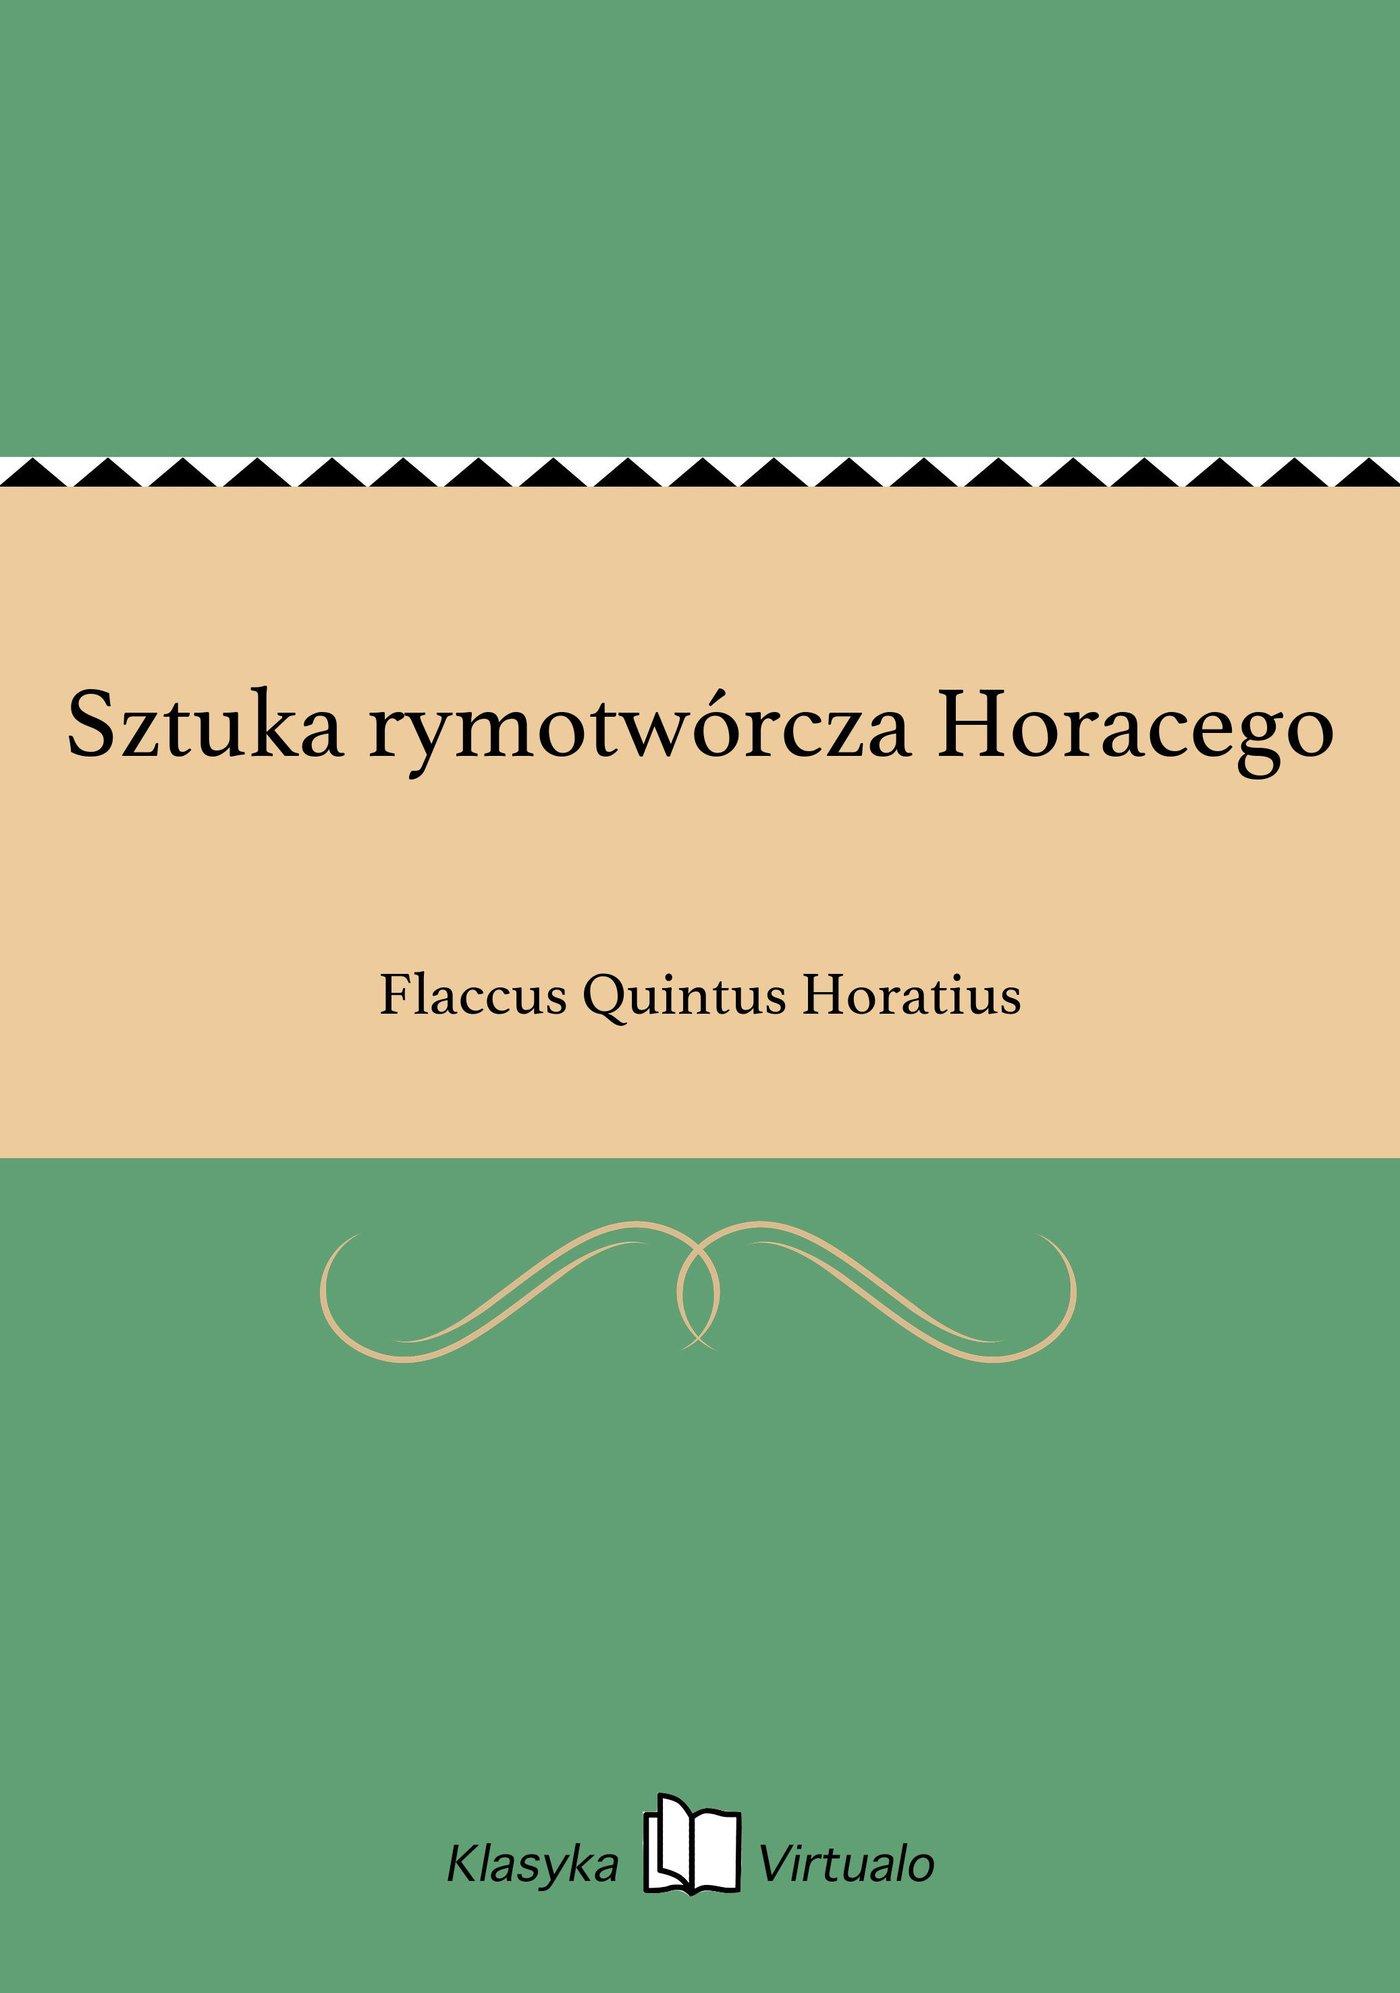 Sztuka rymotwórcza Horacego - Ebook (Książka EPUB) do pobrania w formacie EPUB